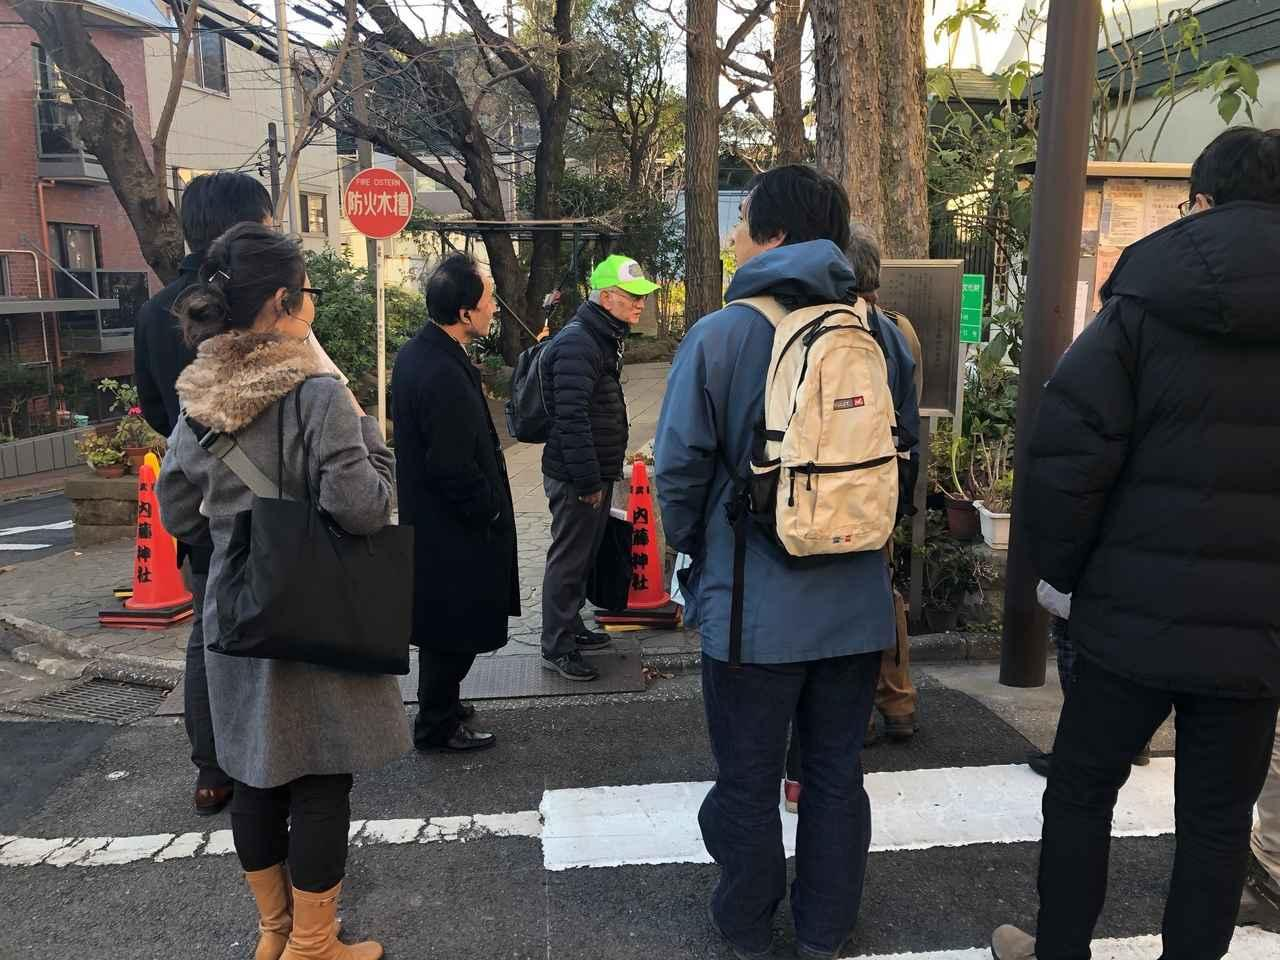 画像3: 一緒にてくてく歩いていこう!ウォーキングツアー 「タウンナビゲーター養成講座」への参画についてのご紹介